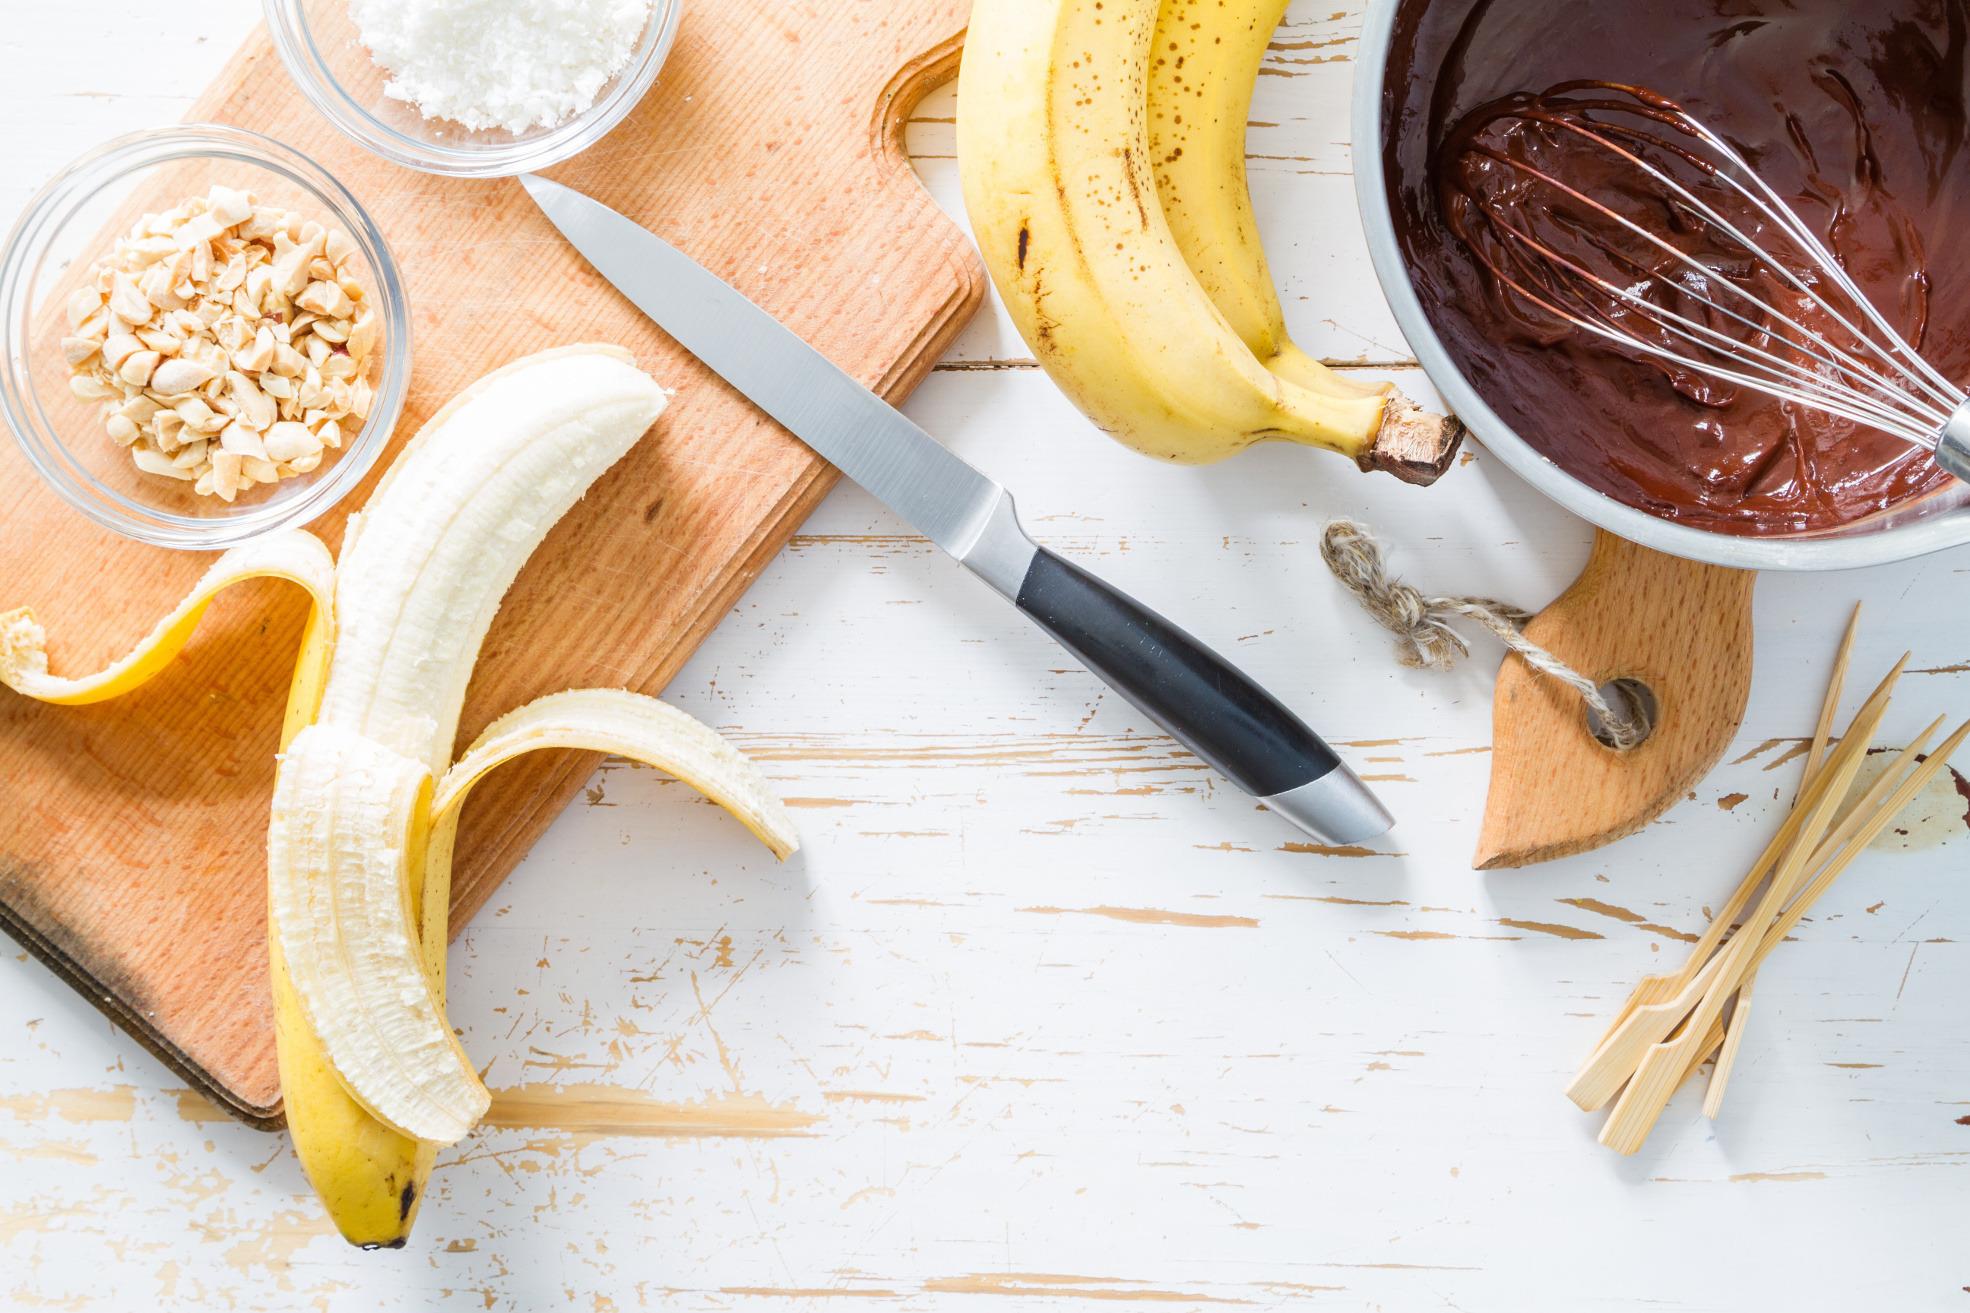 Czekolada czy kokos? TOP 7: przepisy z bananami na słodko